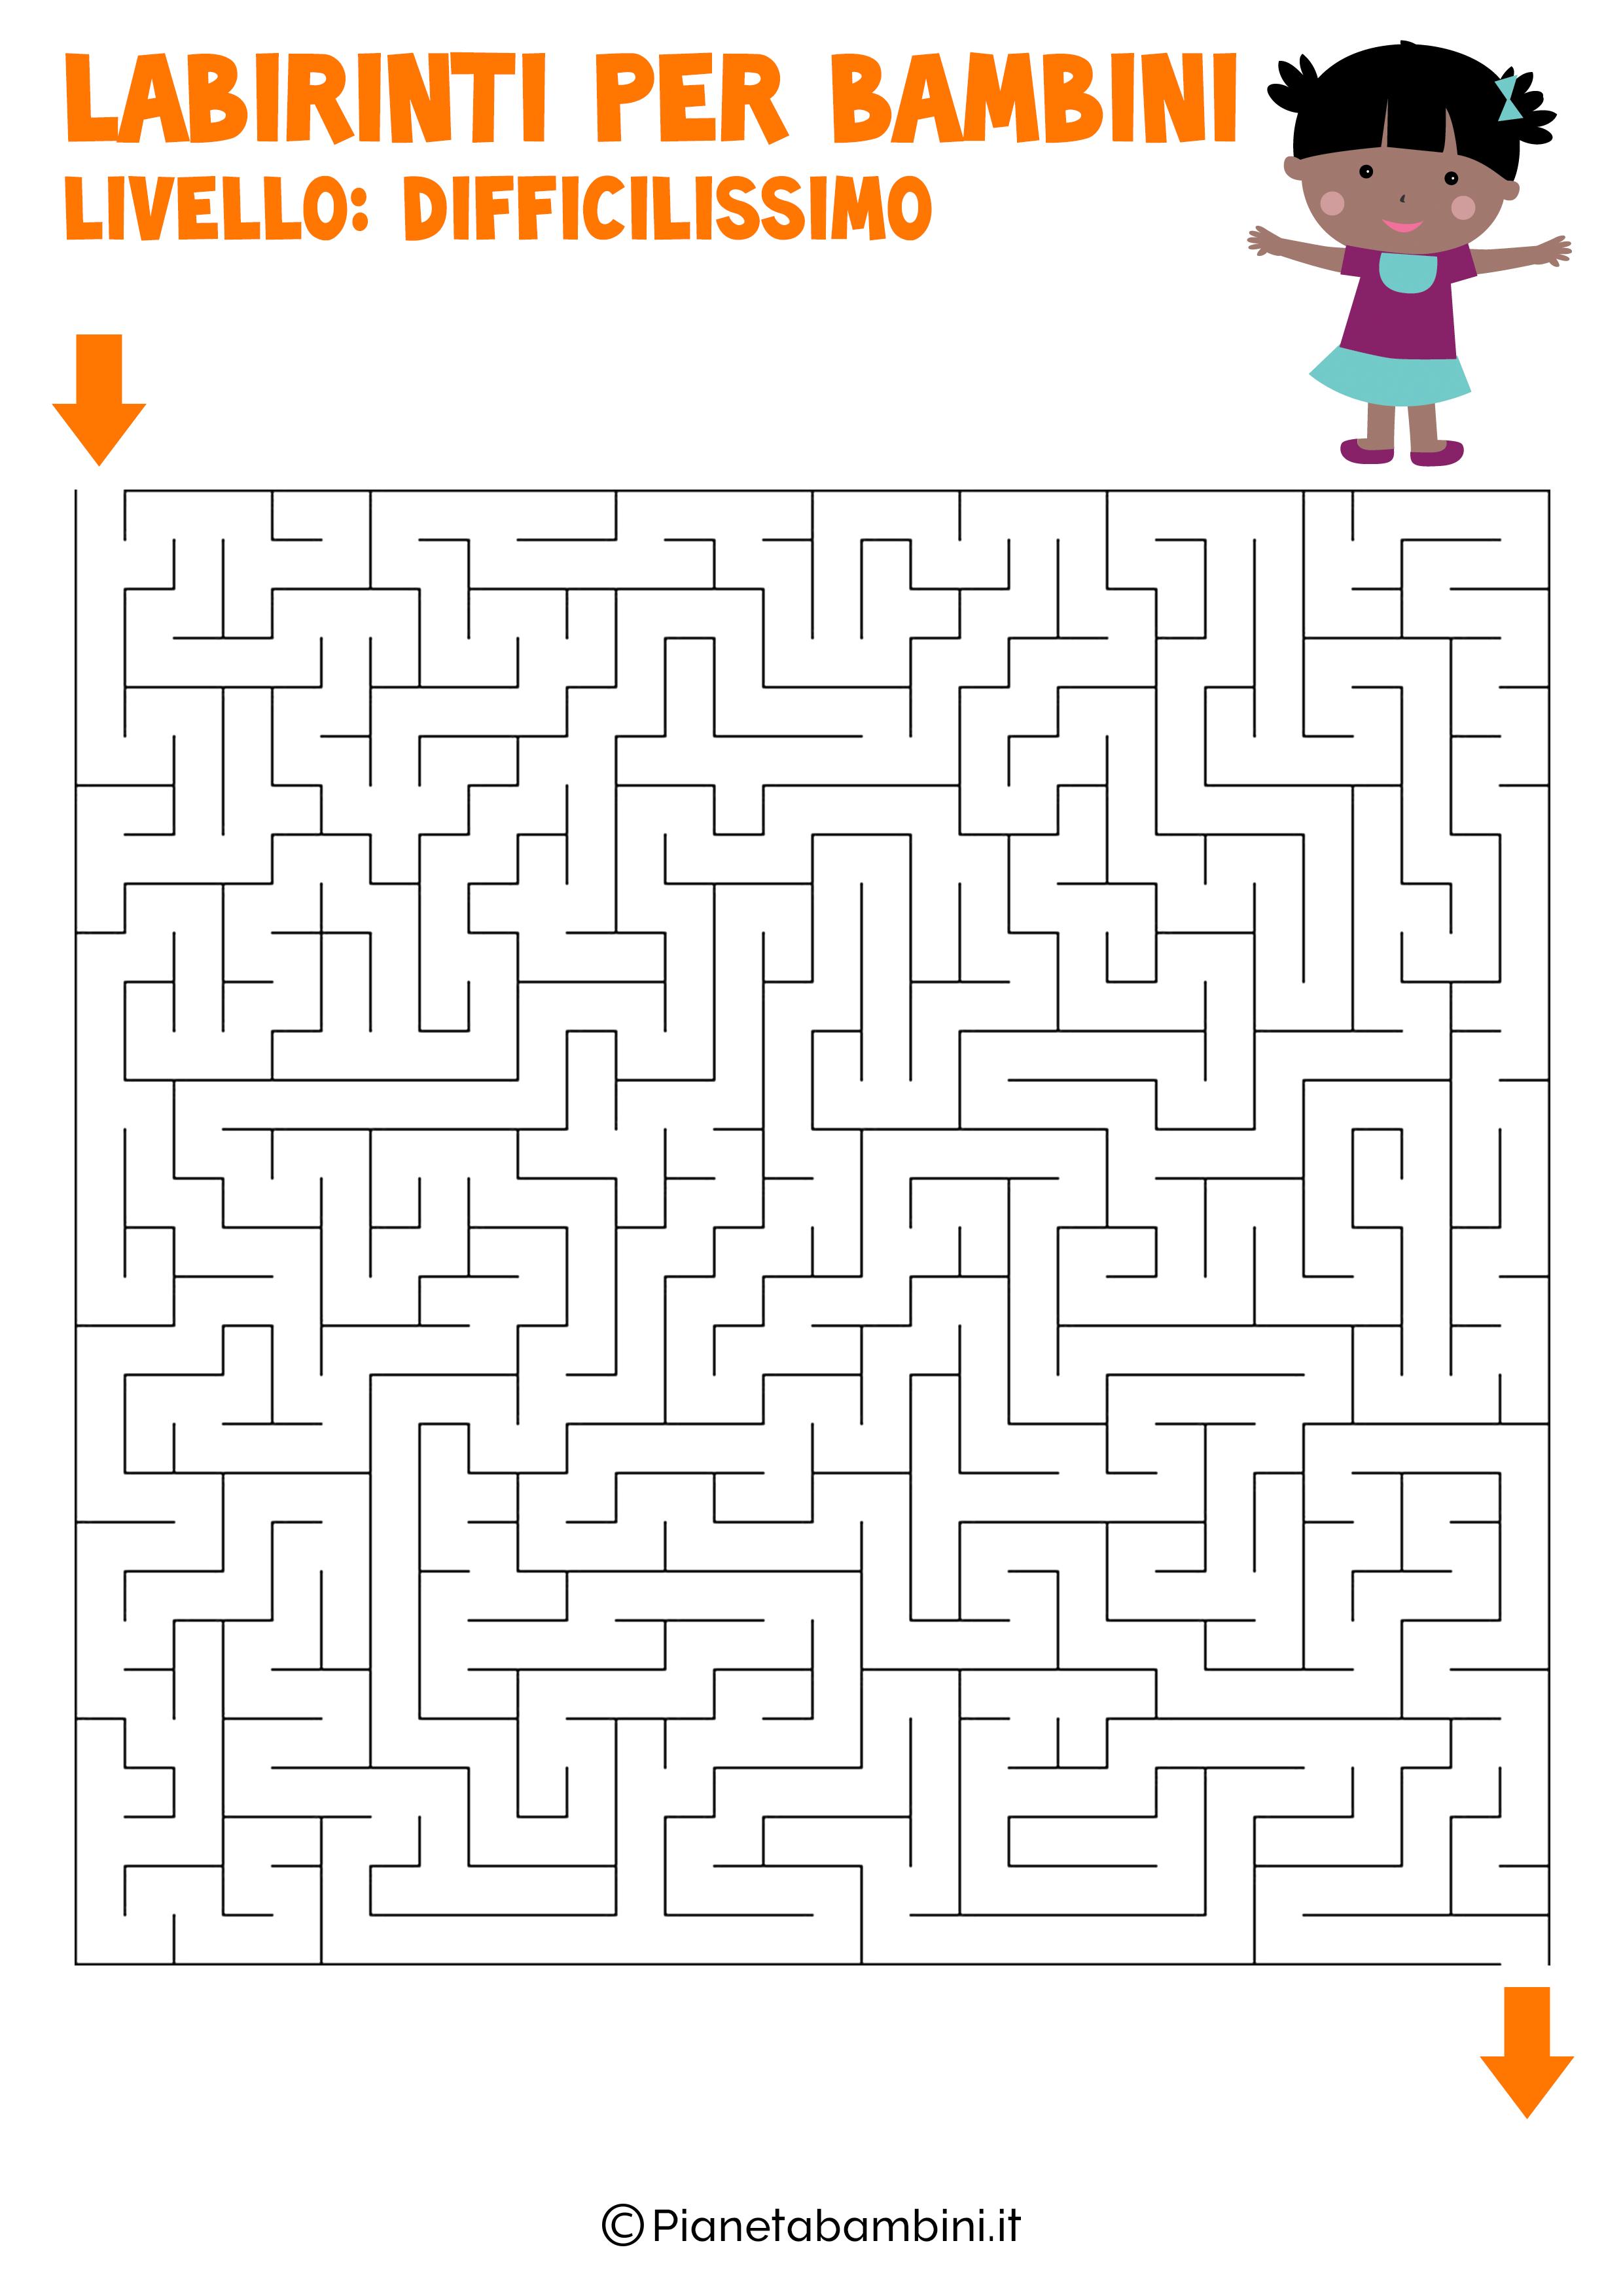 Labirinto difficilissimo per bambini numero 15